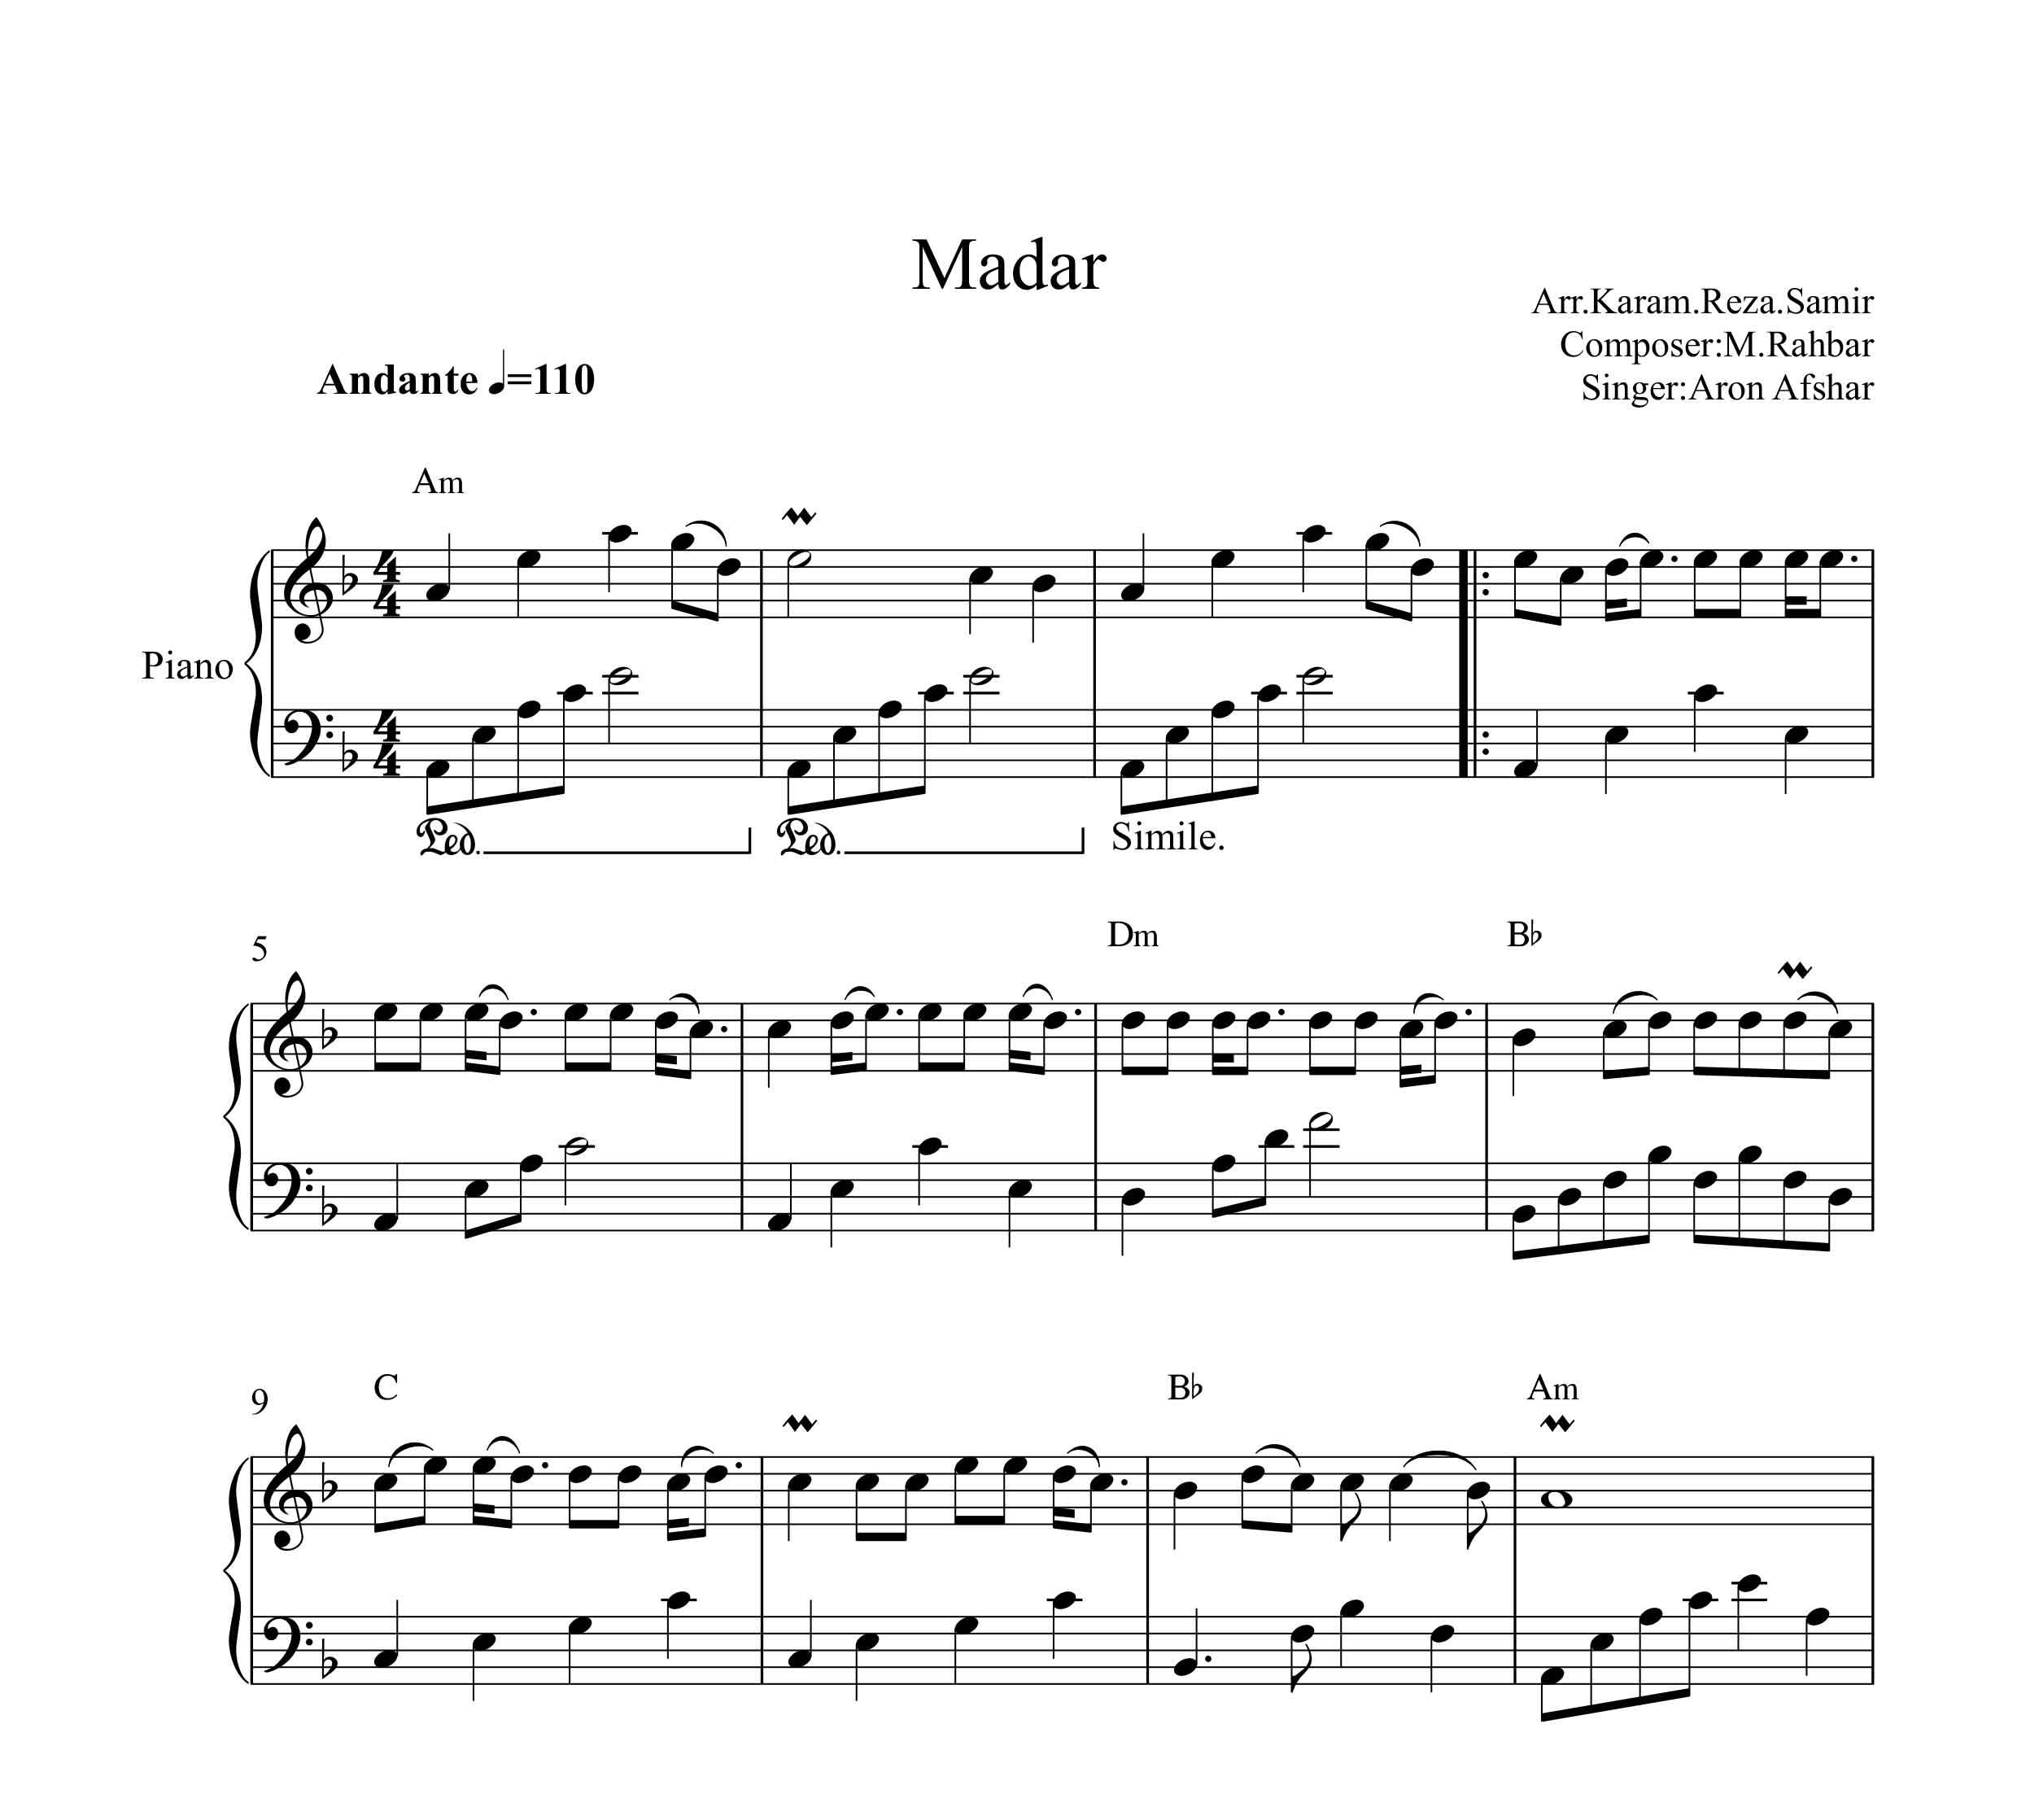 نت پیانو مادر از ارون افشار با آکورد